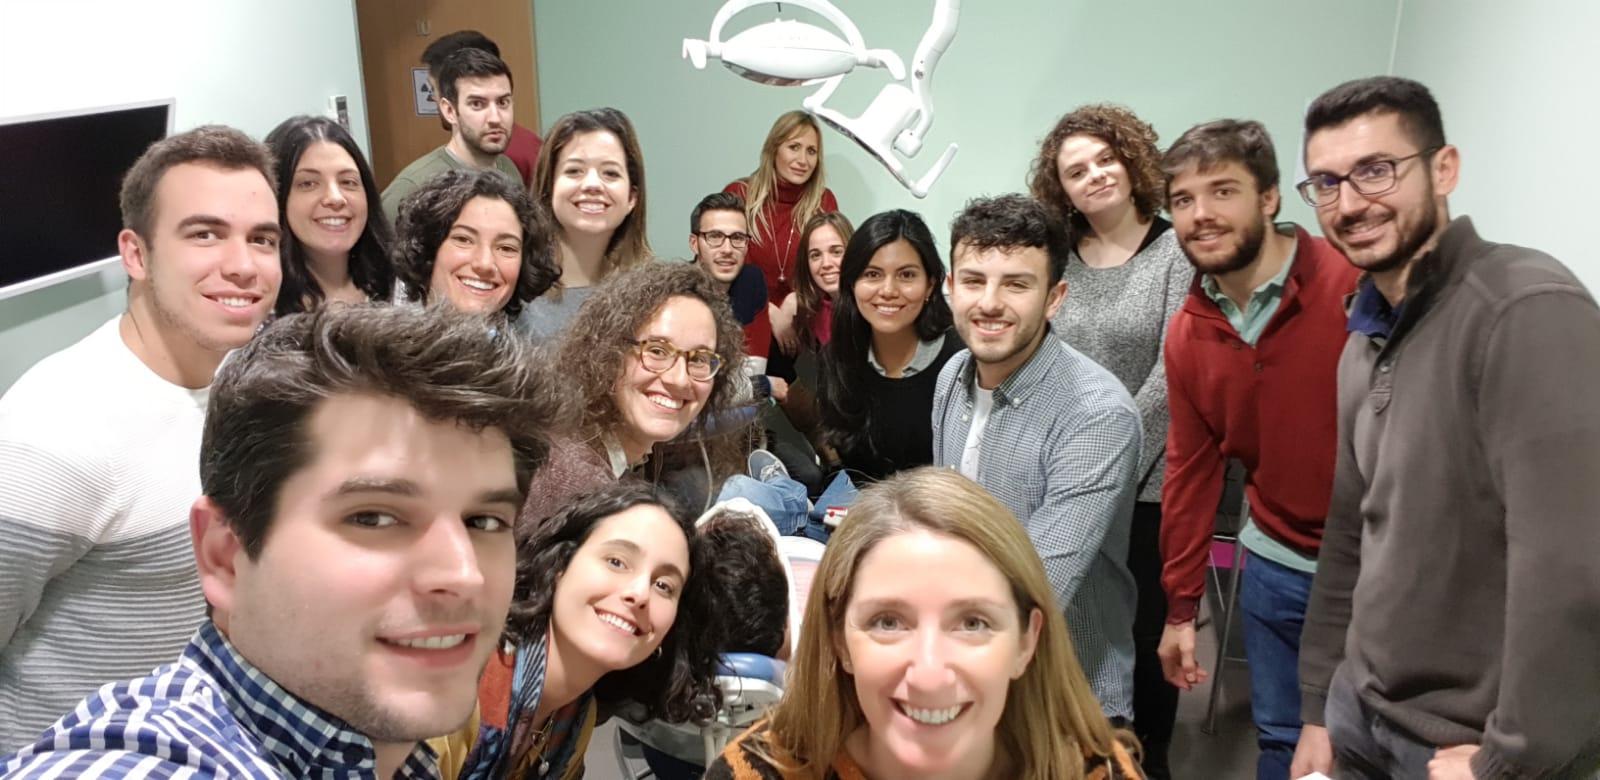 Sedación consciente en Odontología con nuestros alumnos de Cirugía